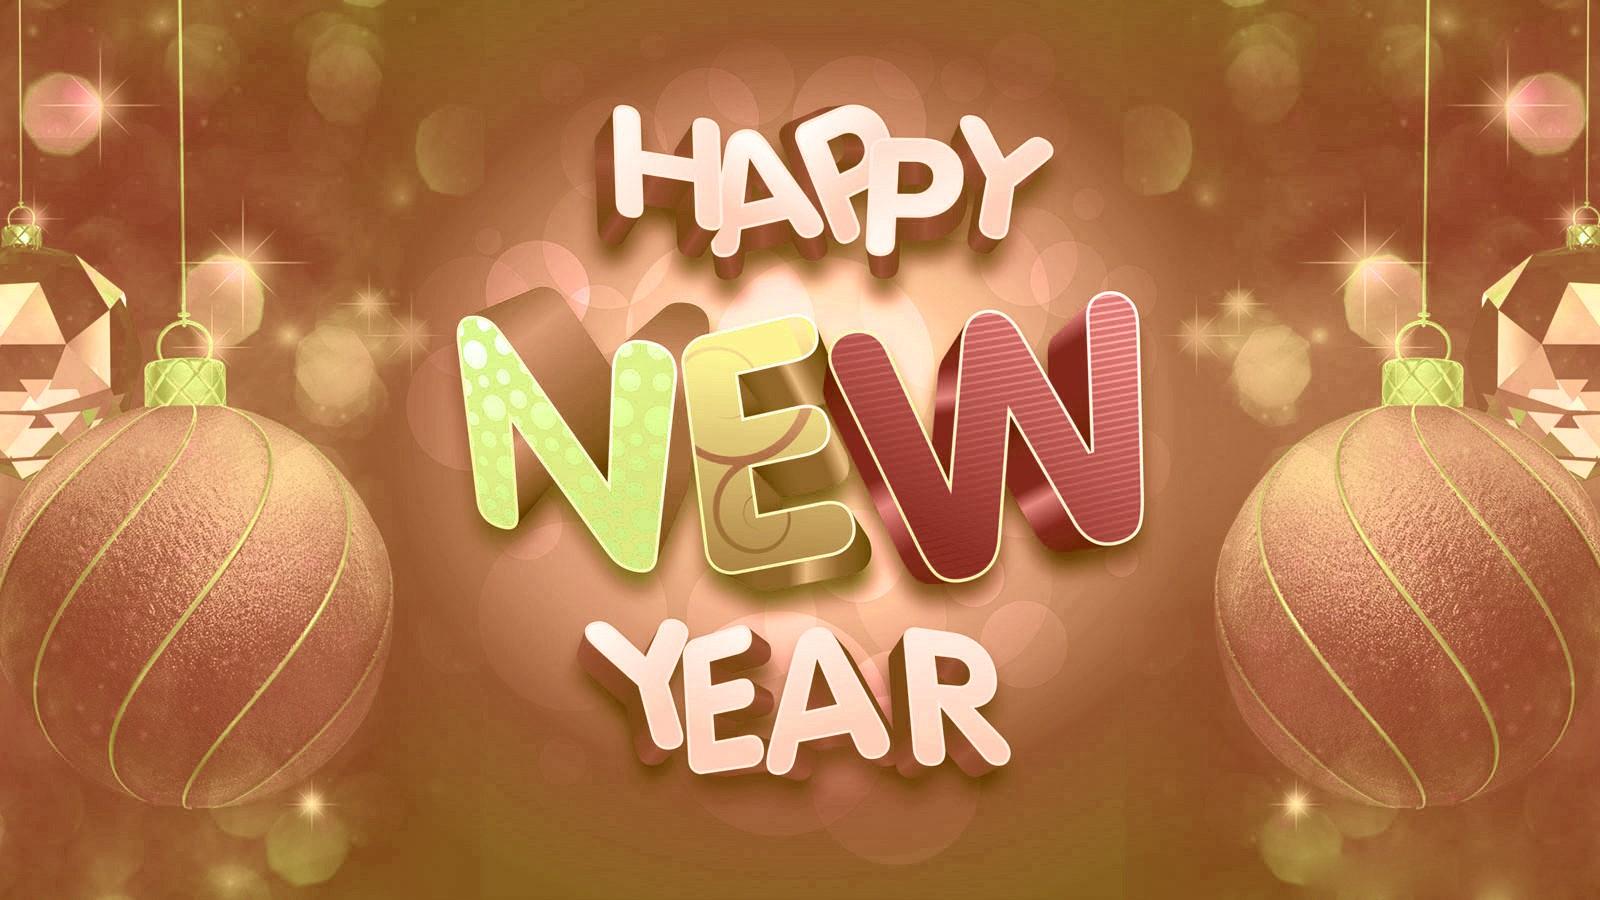 Tải ảnh Happy New Year đẹp